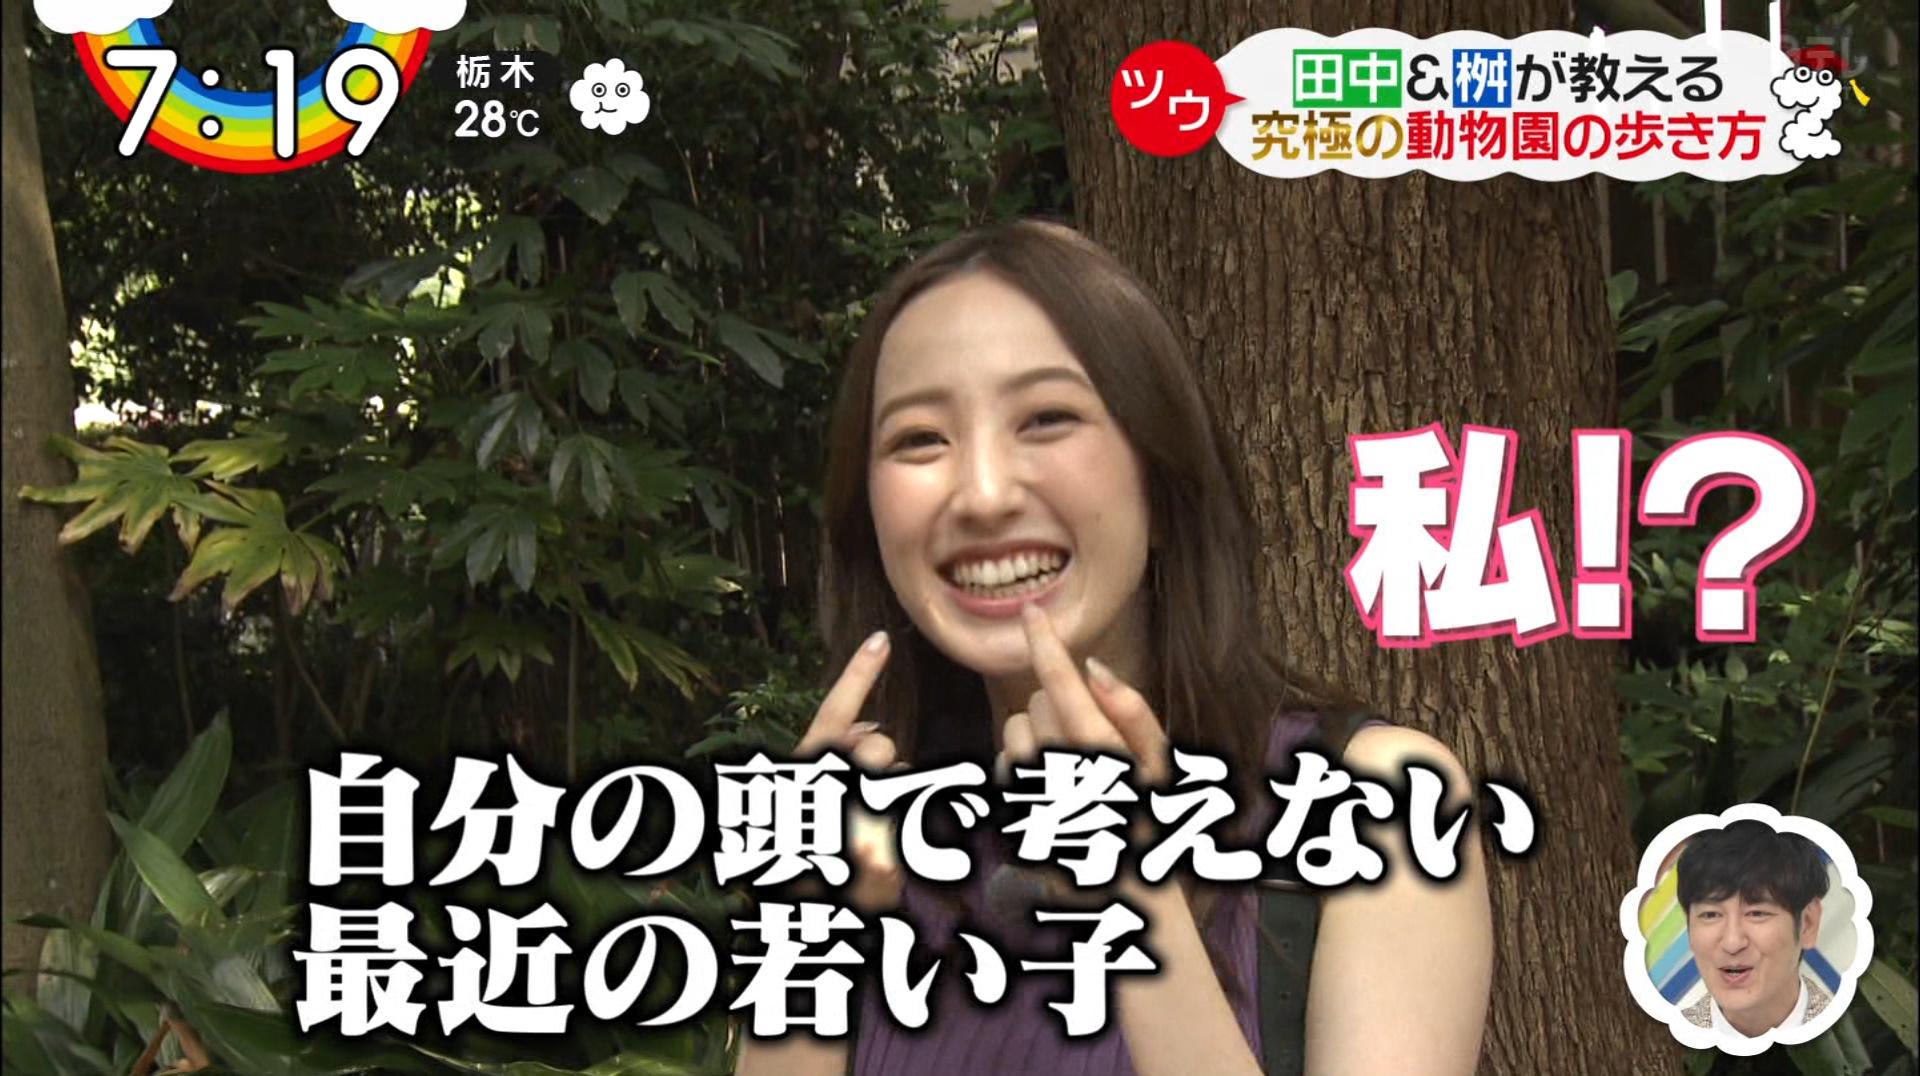 2019年9月5日「ZIP!」團遥香さんのテレビキャプチャー画像-108